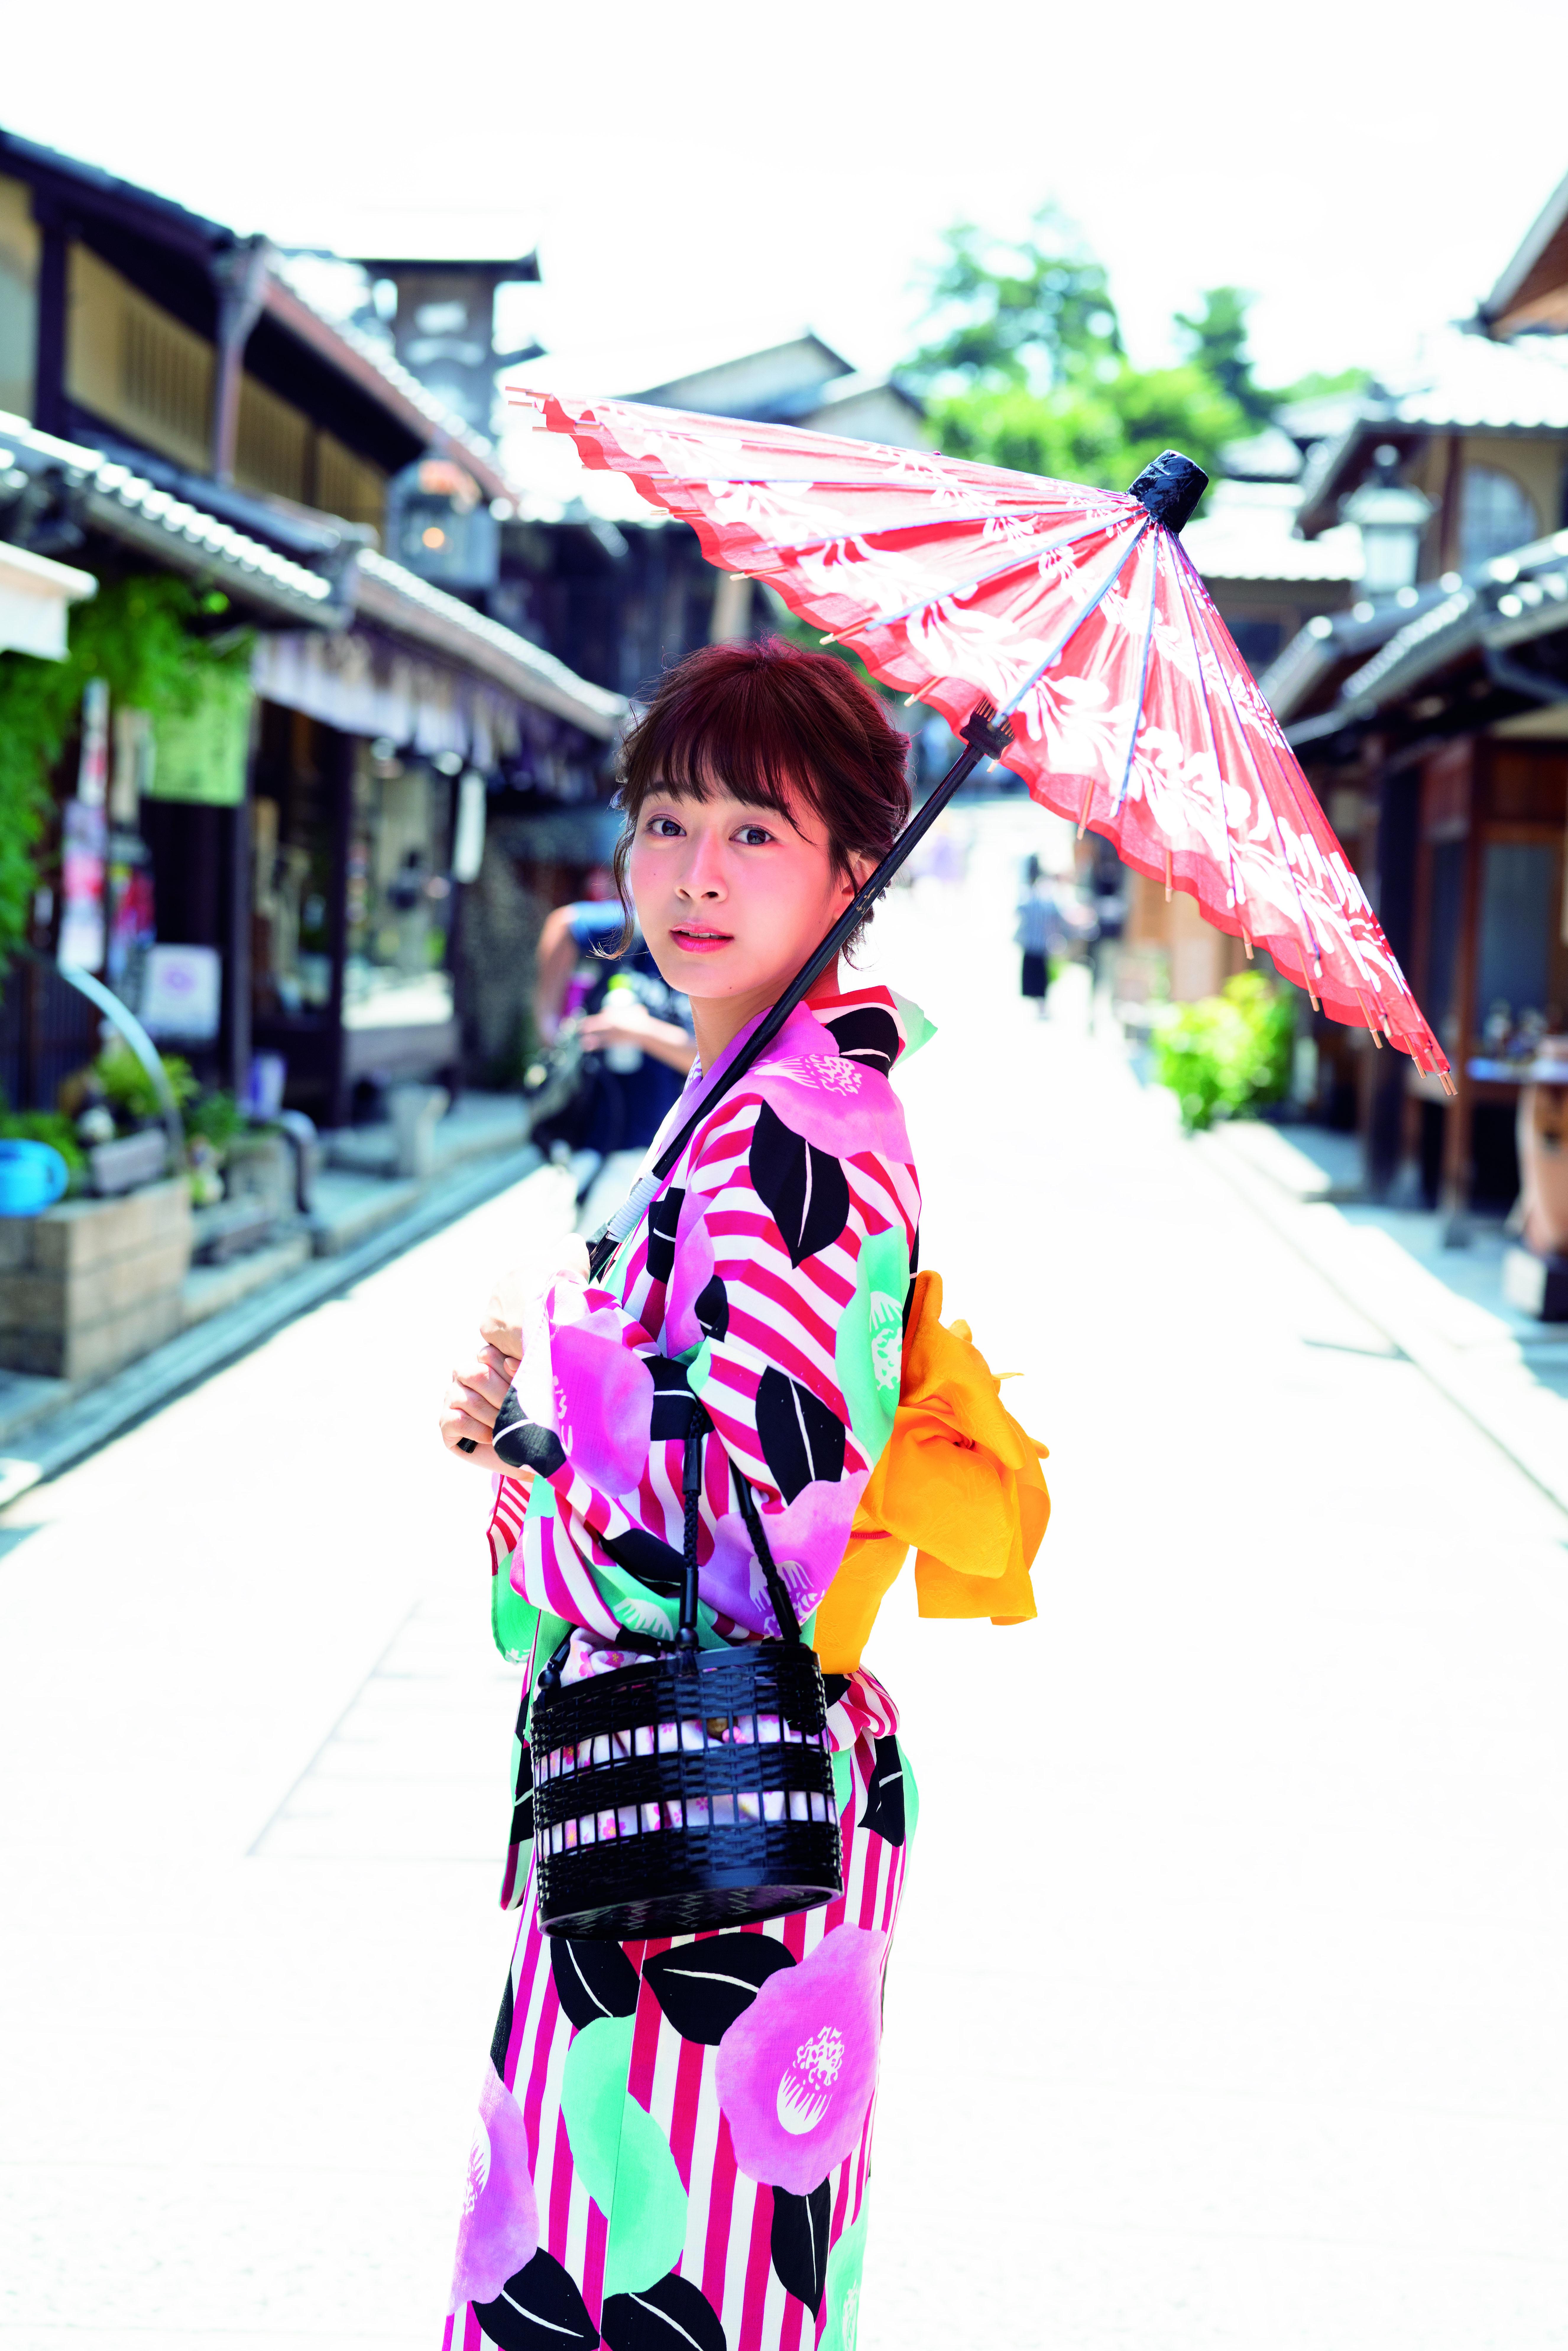 地元・京都でも艶やかな浴衣姿で撮影した太田奈緒(光文社提供)